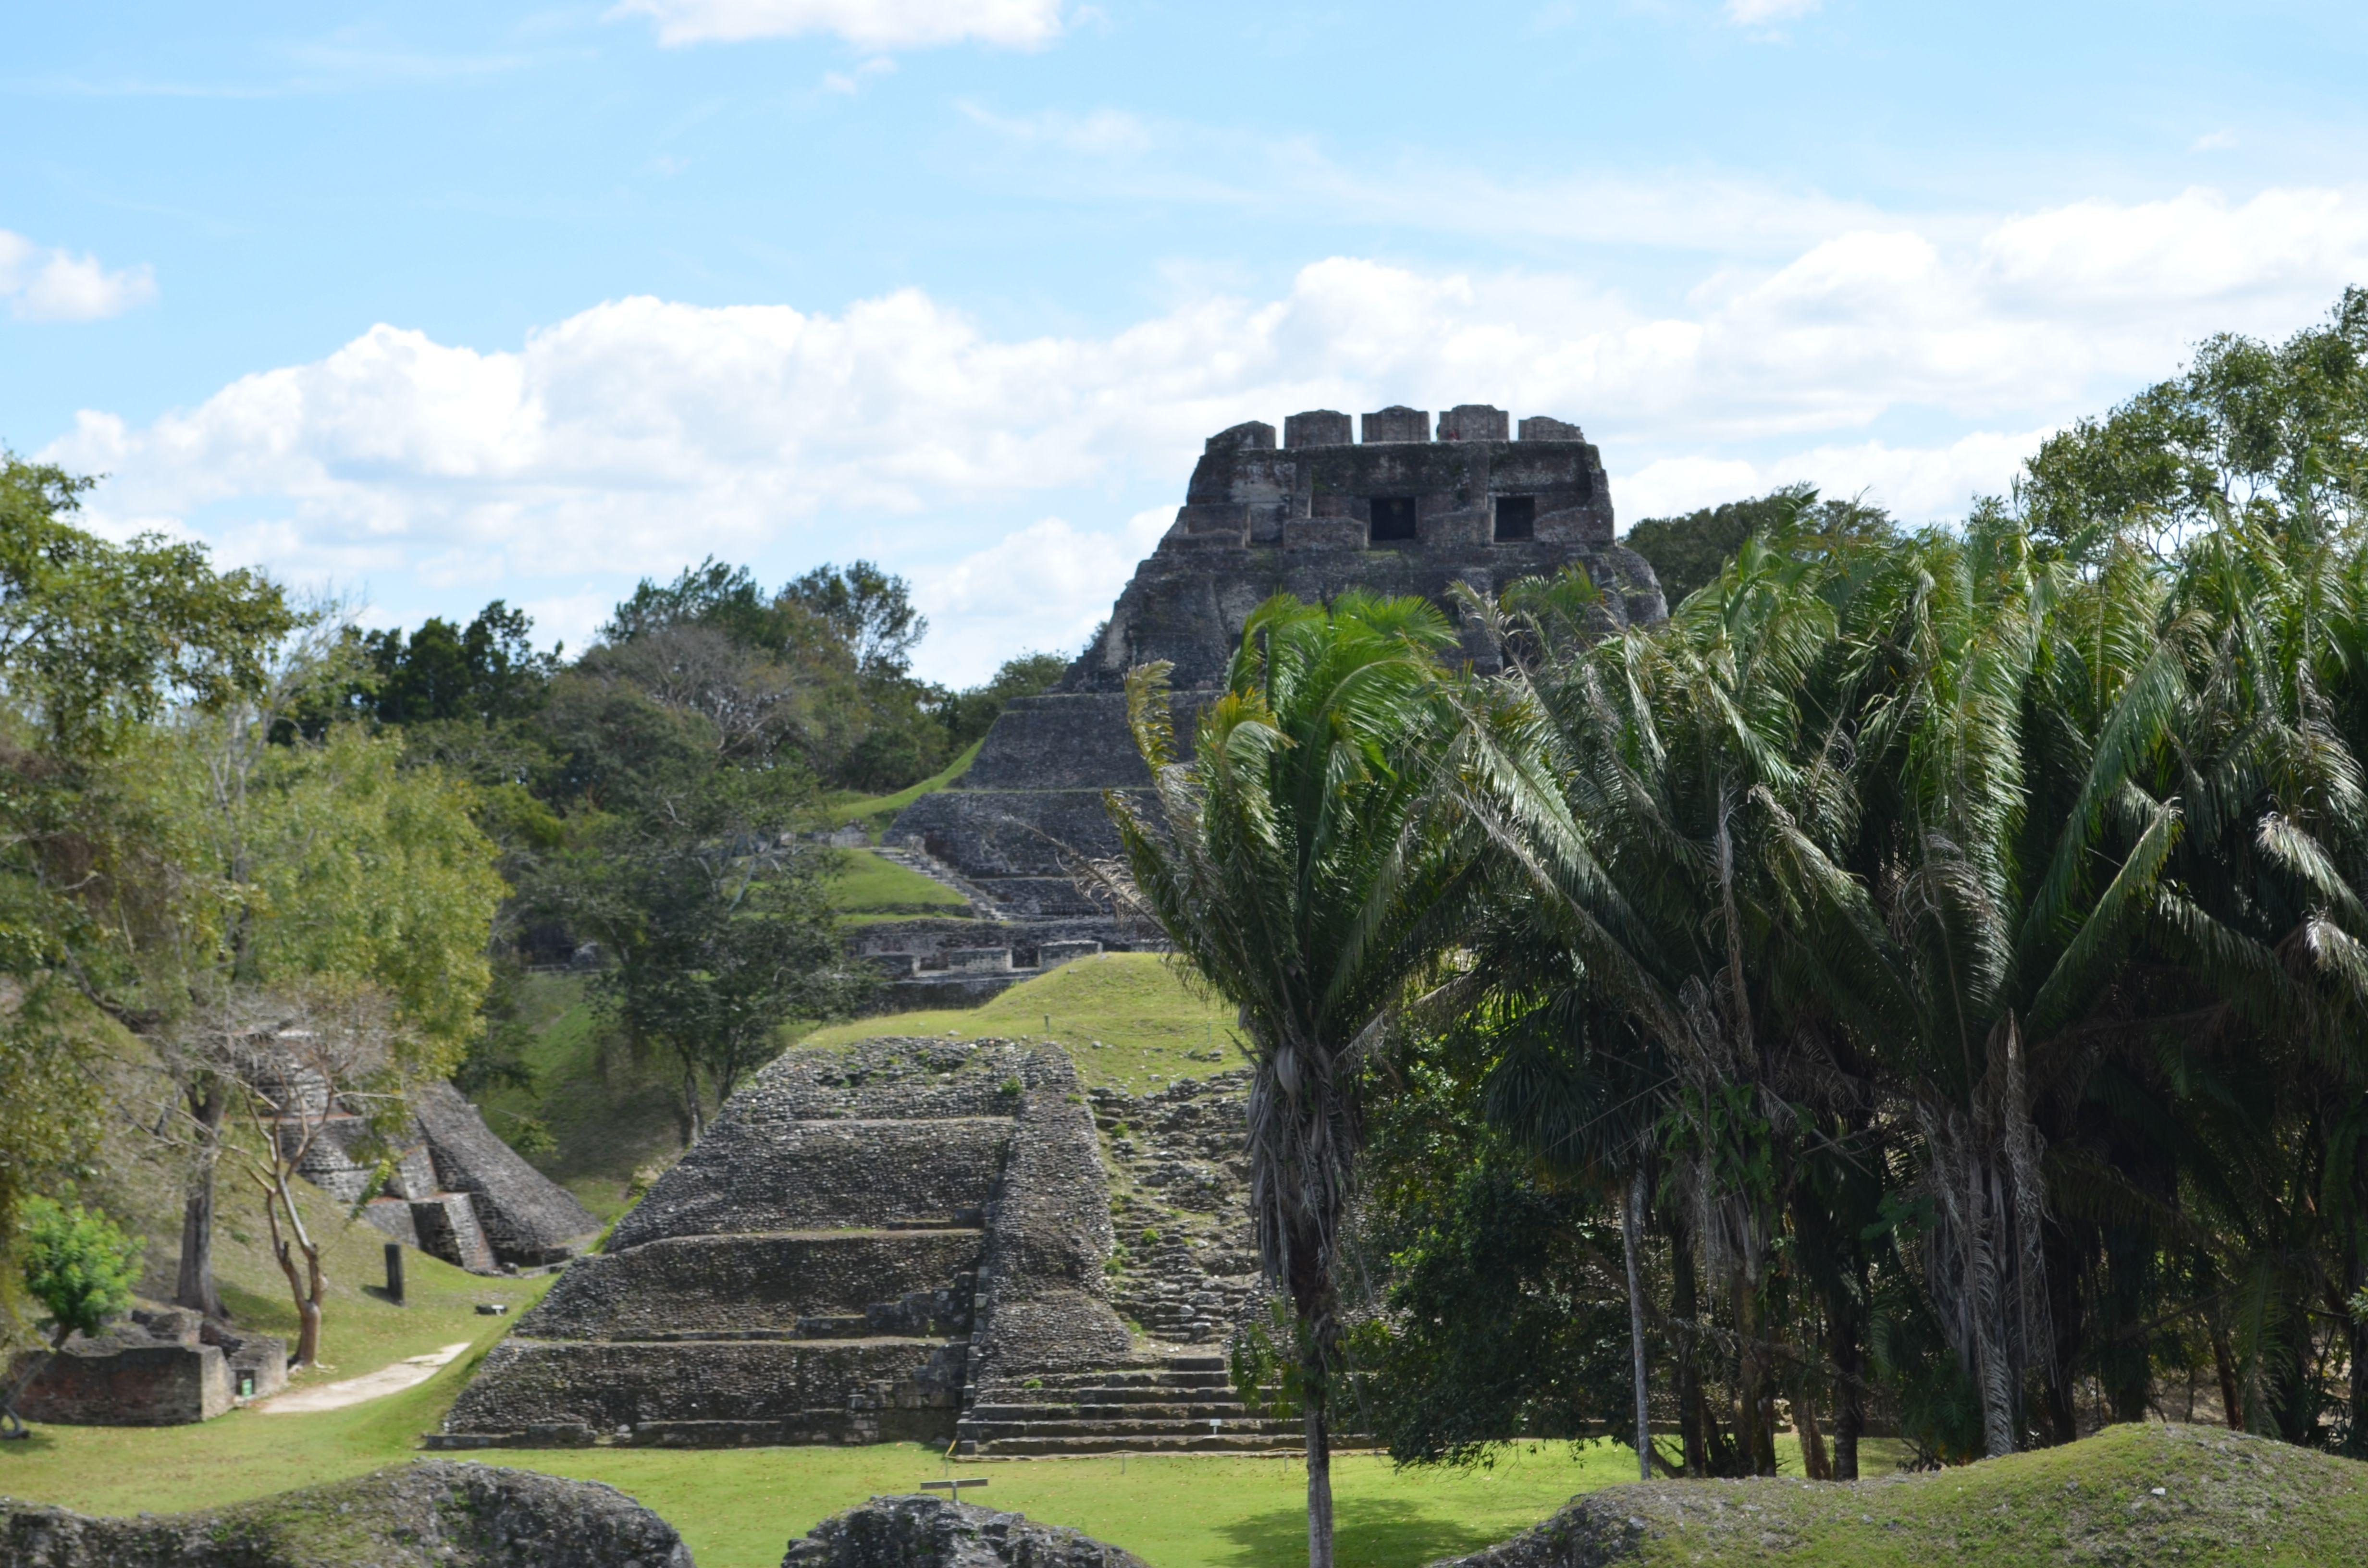 San Ignacio, Cayo San ignacio, Benque viejo del carmen